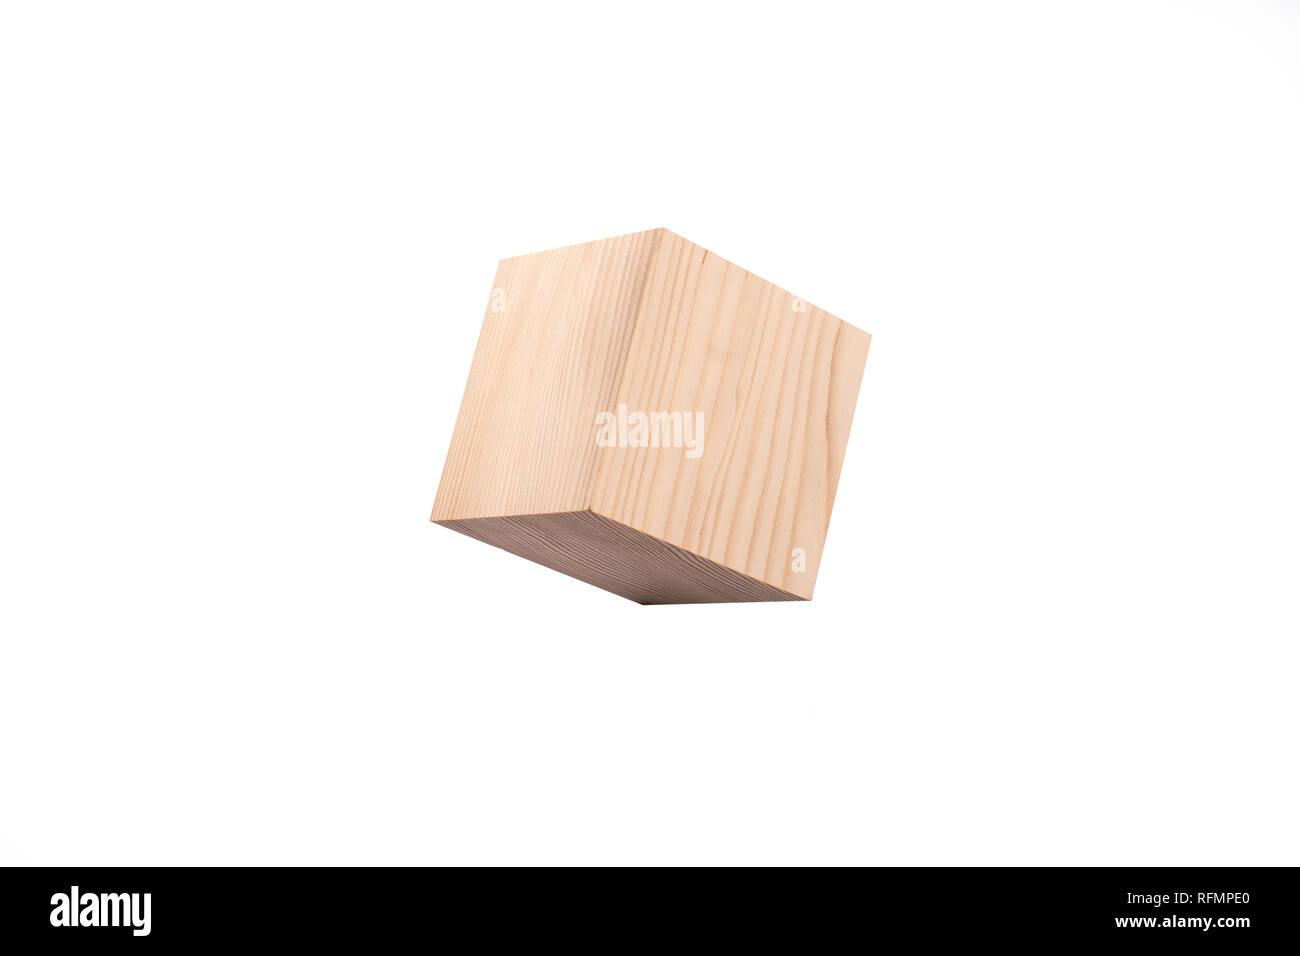 Blank Cube Geometric 3d Shape Stock Photos & Blank Cube